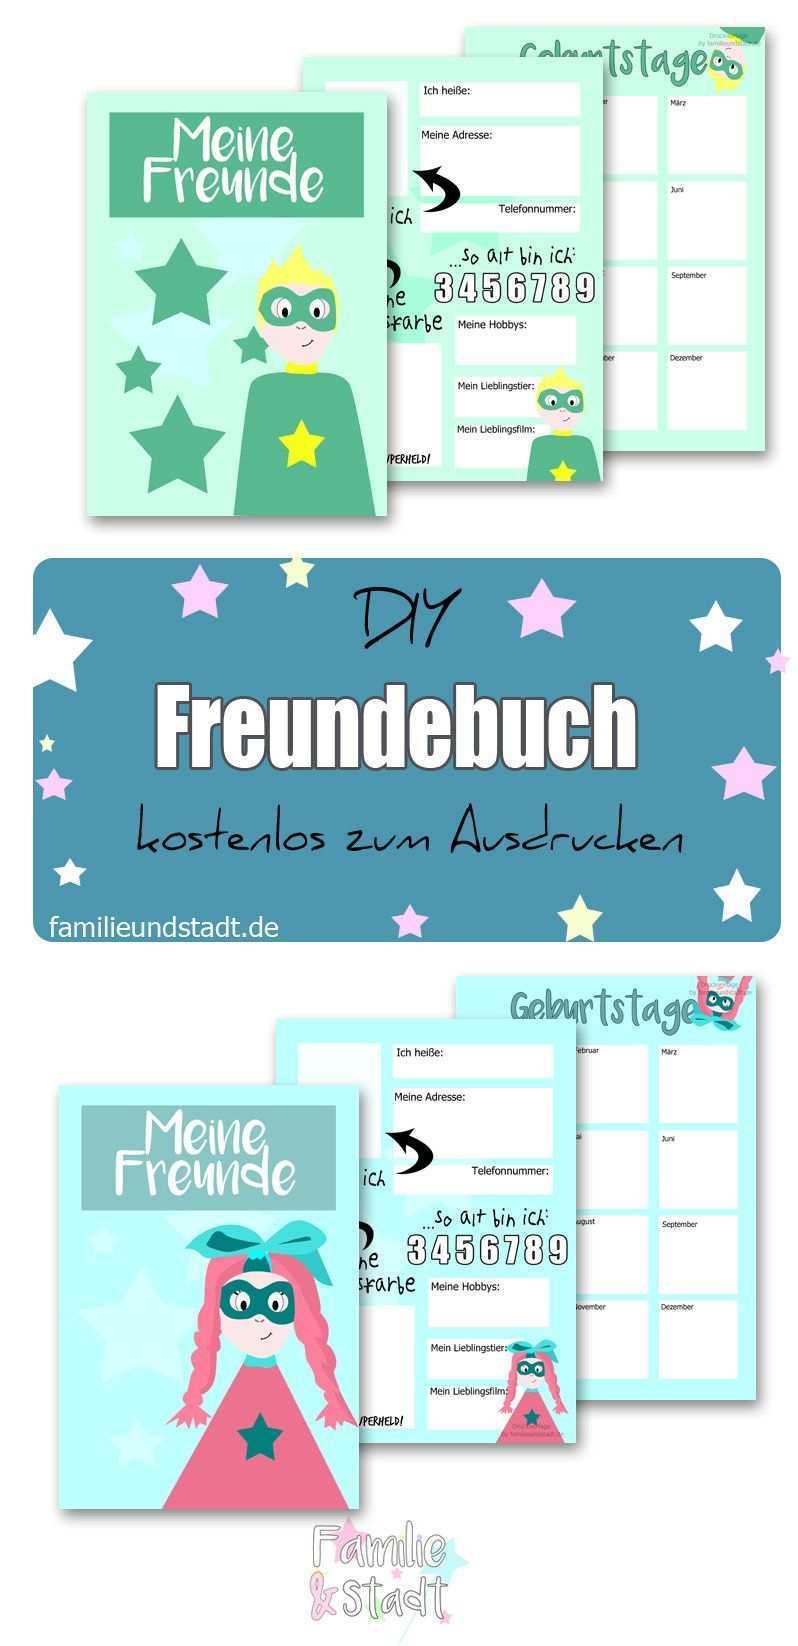 Freundebuch Fur Die Schule Vorlage Zum Ausdrucken Freunde Buch Freundebuch Freundebuch Kindergarten